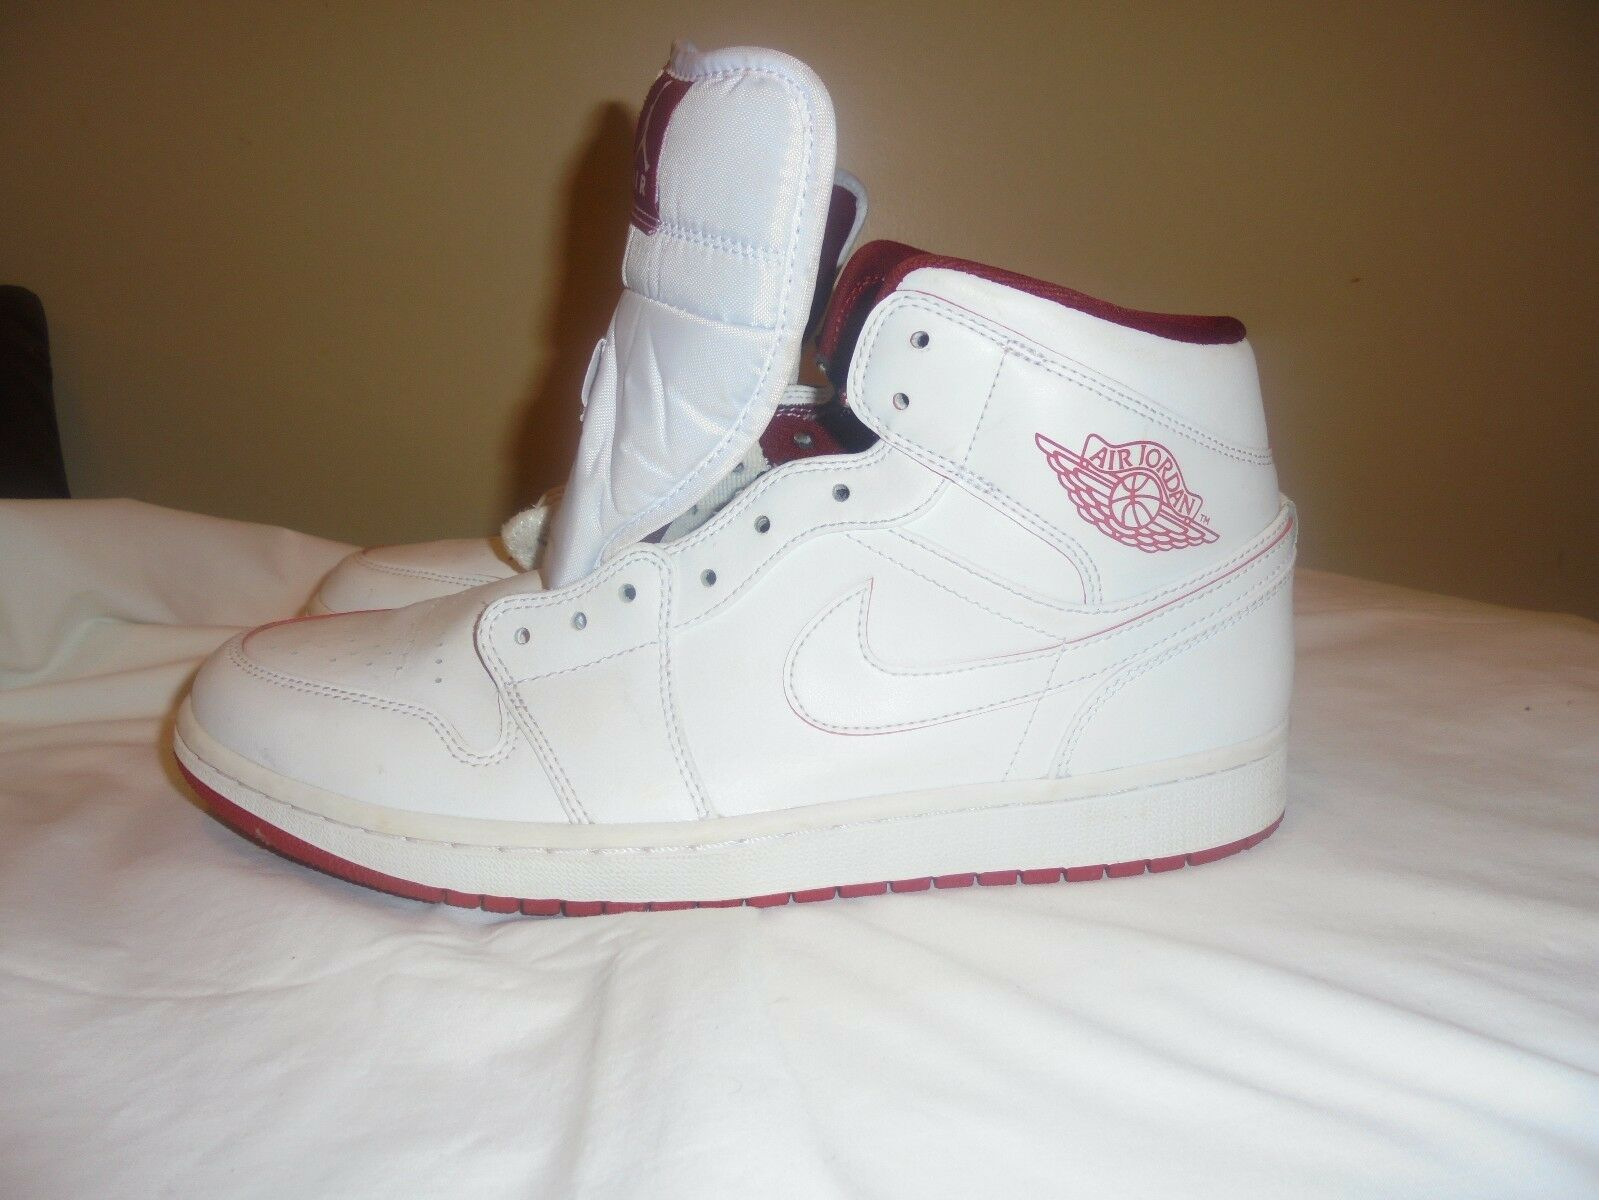 EUC Jordan 1 Mid Retro White Gym Red White 554724-103 Comfortable Wild casual shoes